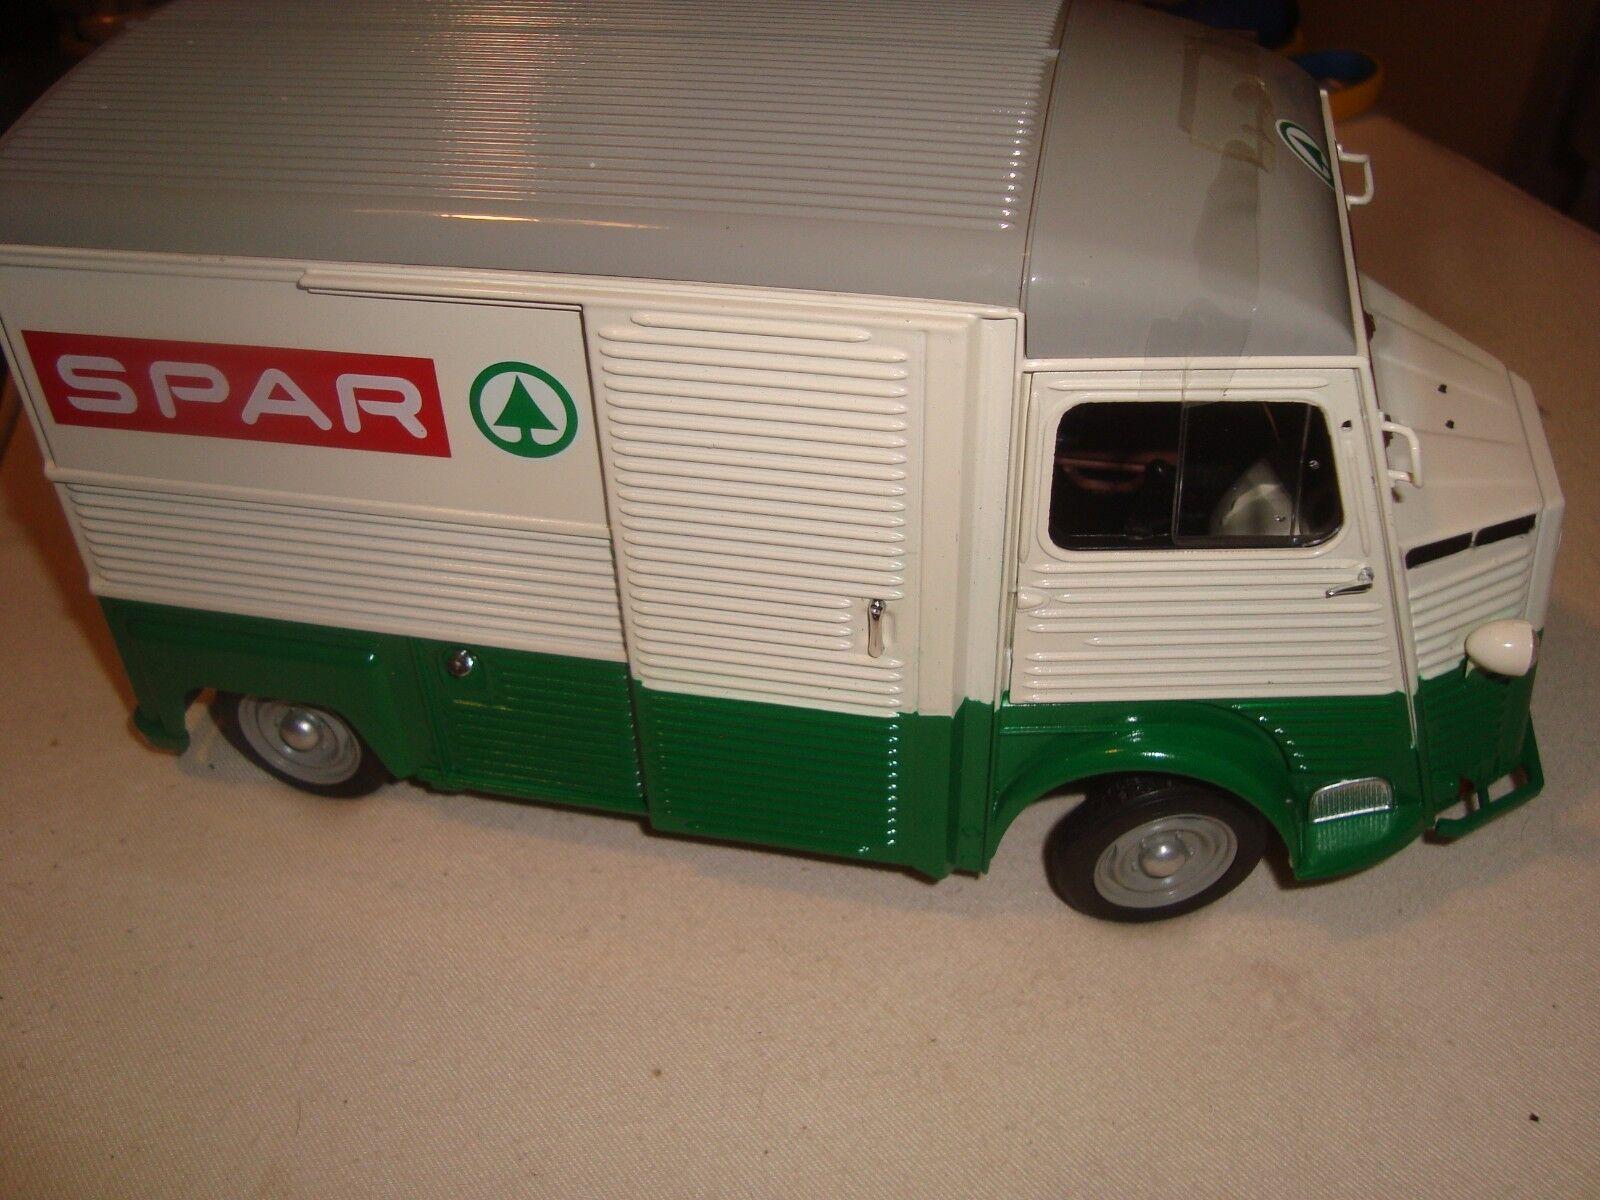 Citroën Tube HY 1969 1969 1969 EPICERIE SPAR SOLIDO  SO 1850015 Echelle 1 18 neuf en boite ce45d5